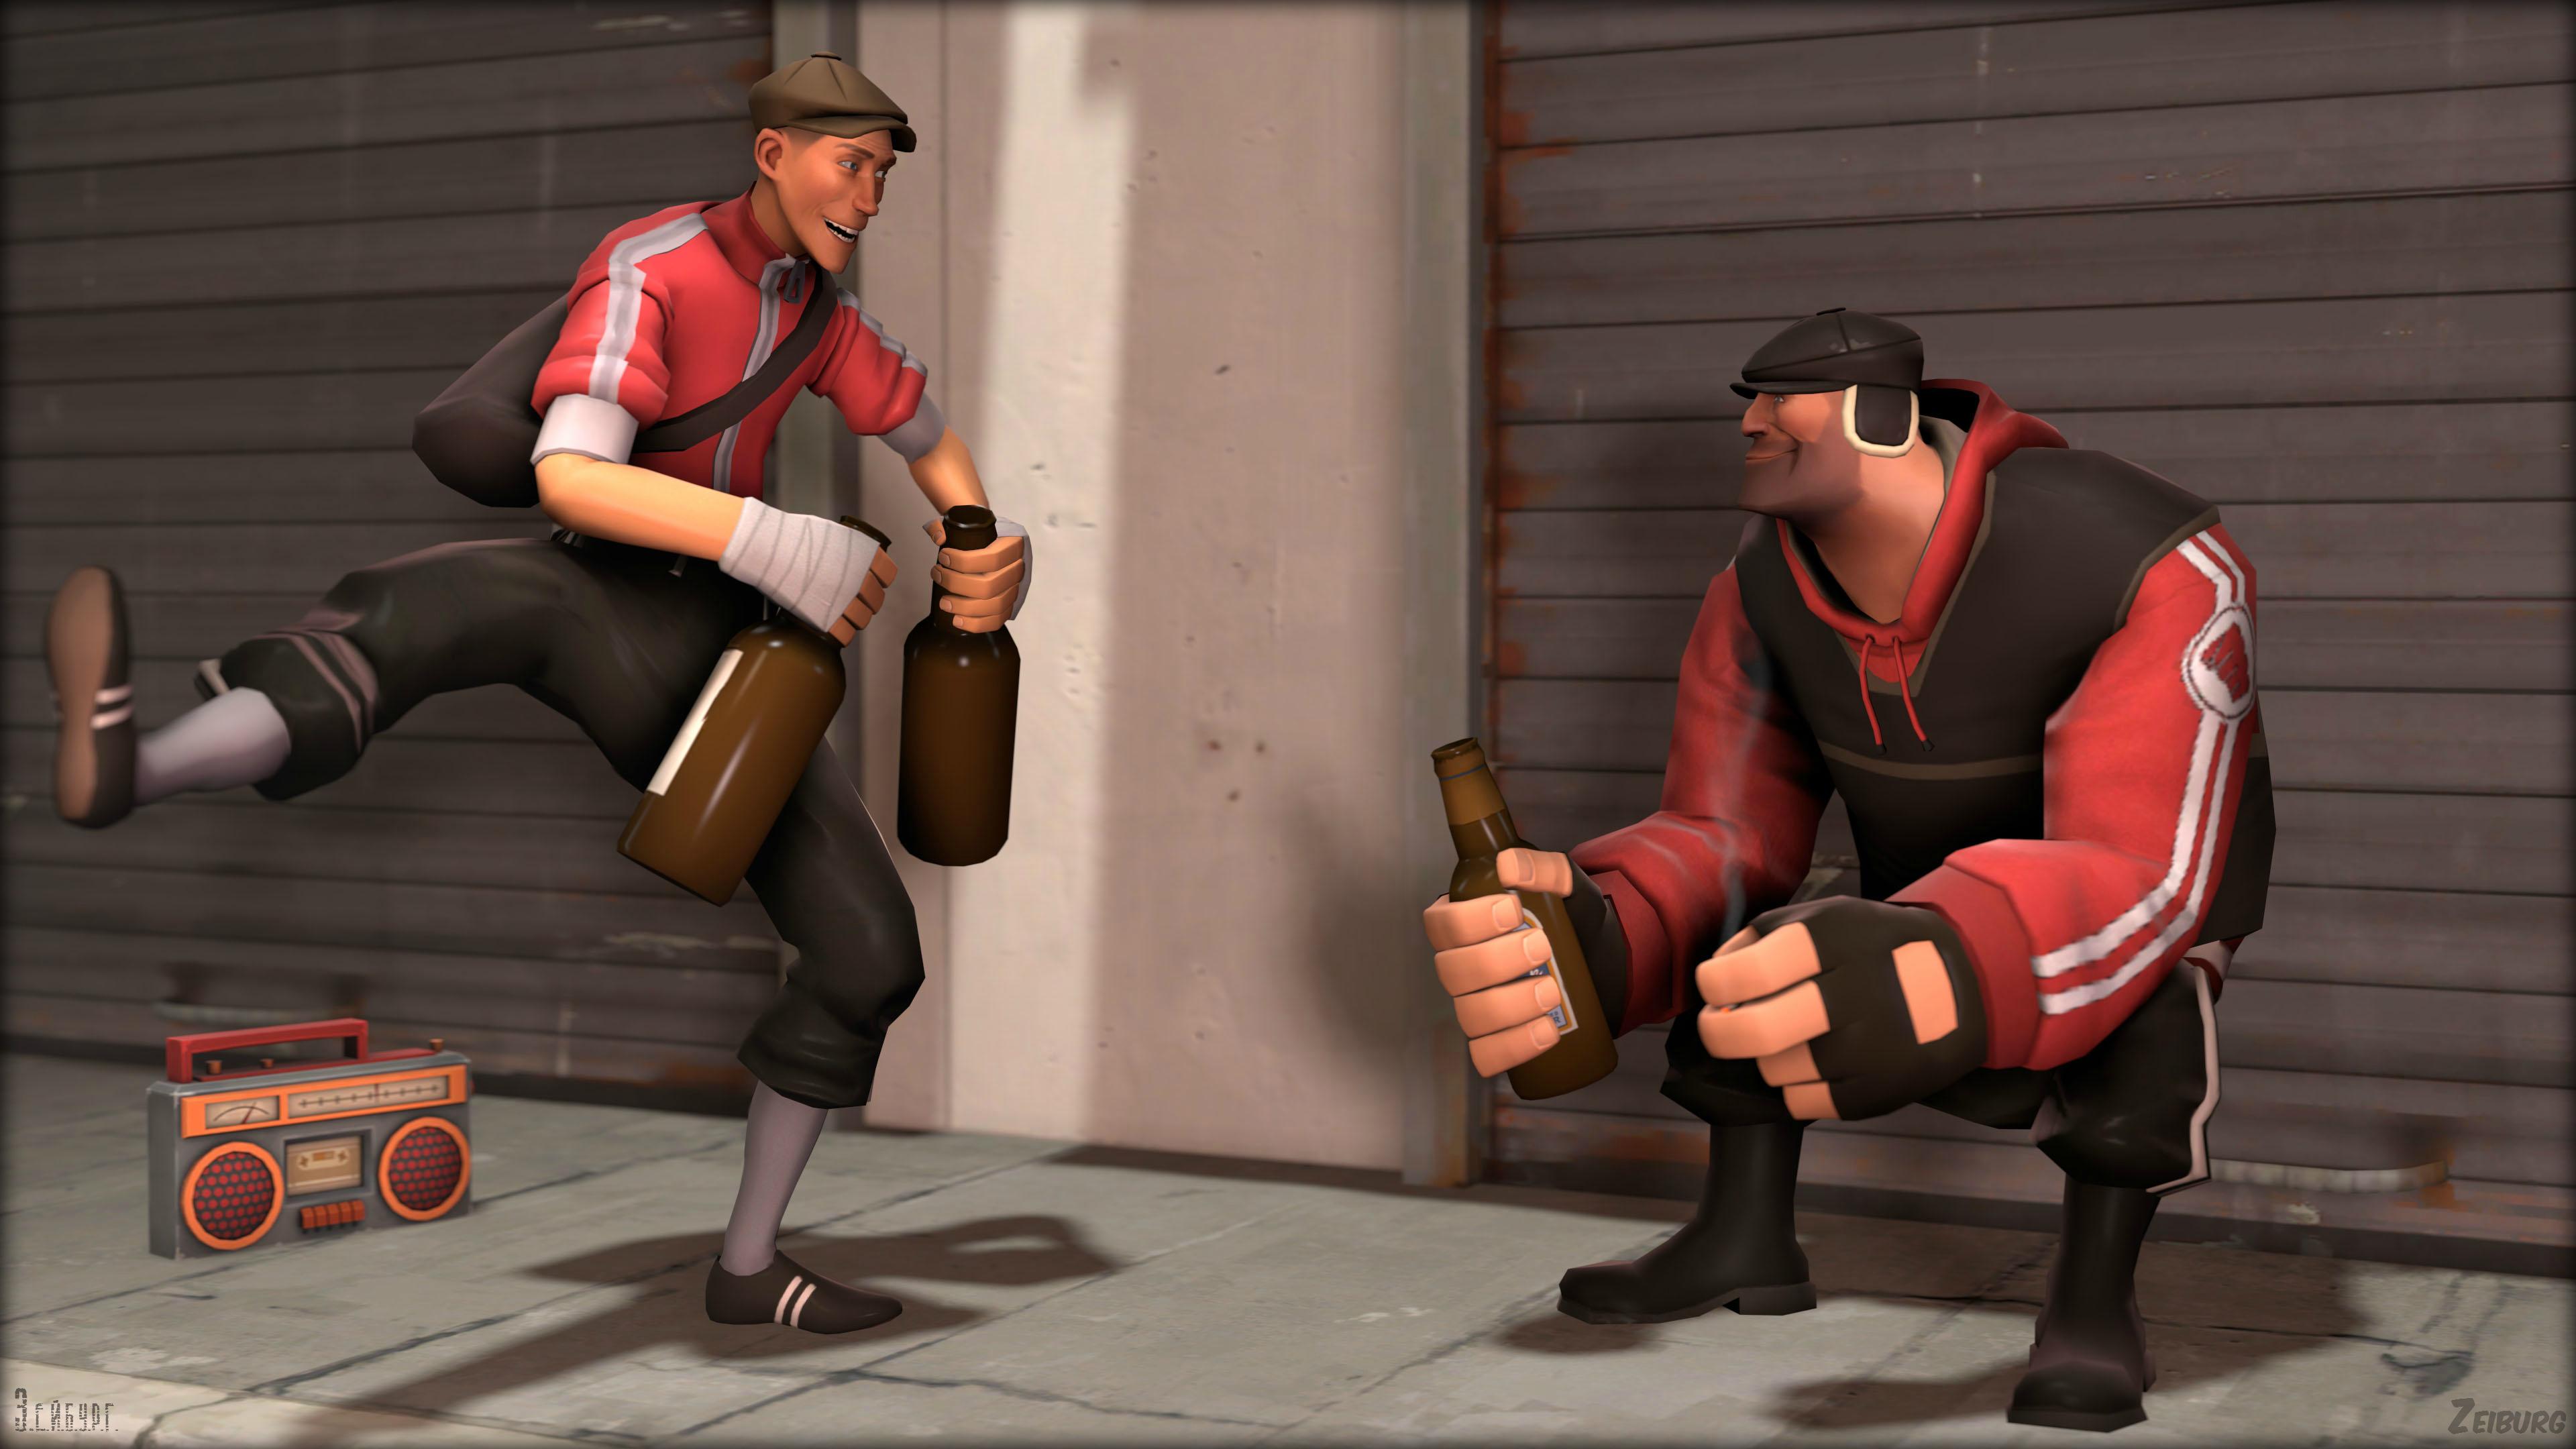 [SFM] Hardbass, squat and Gopniks by Zeiburg-spaps